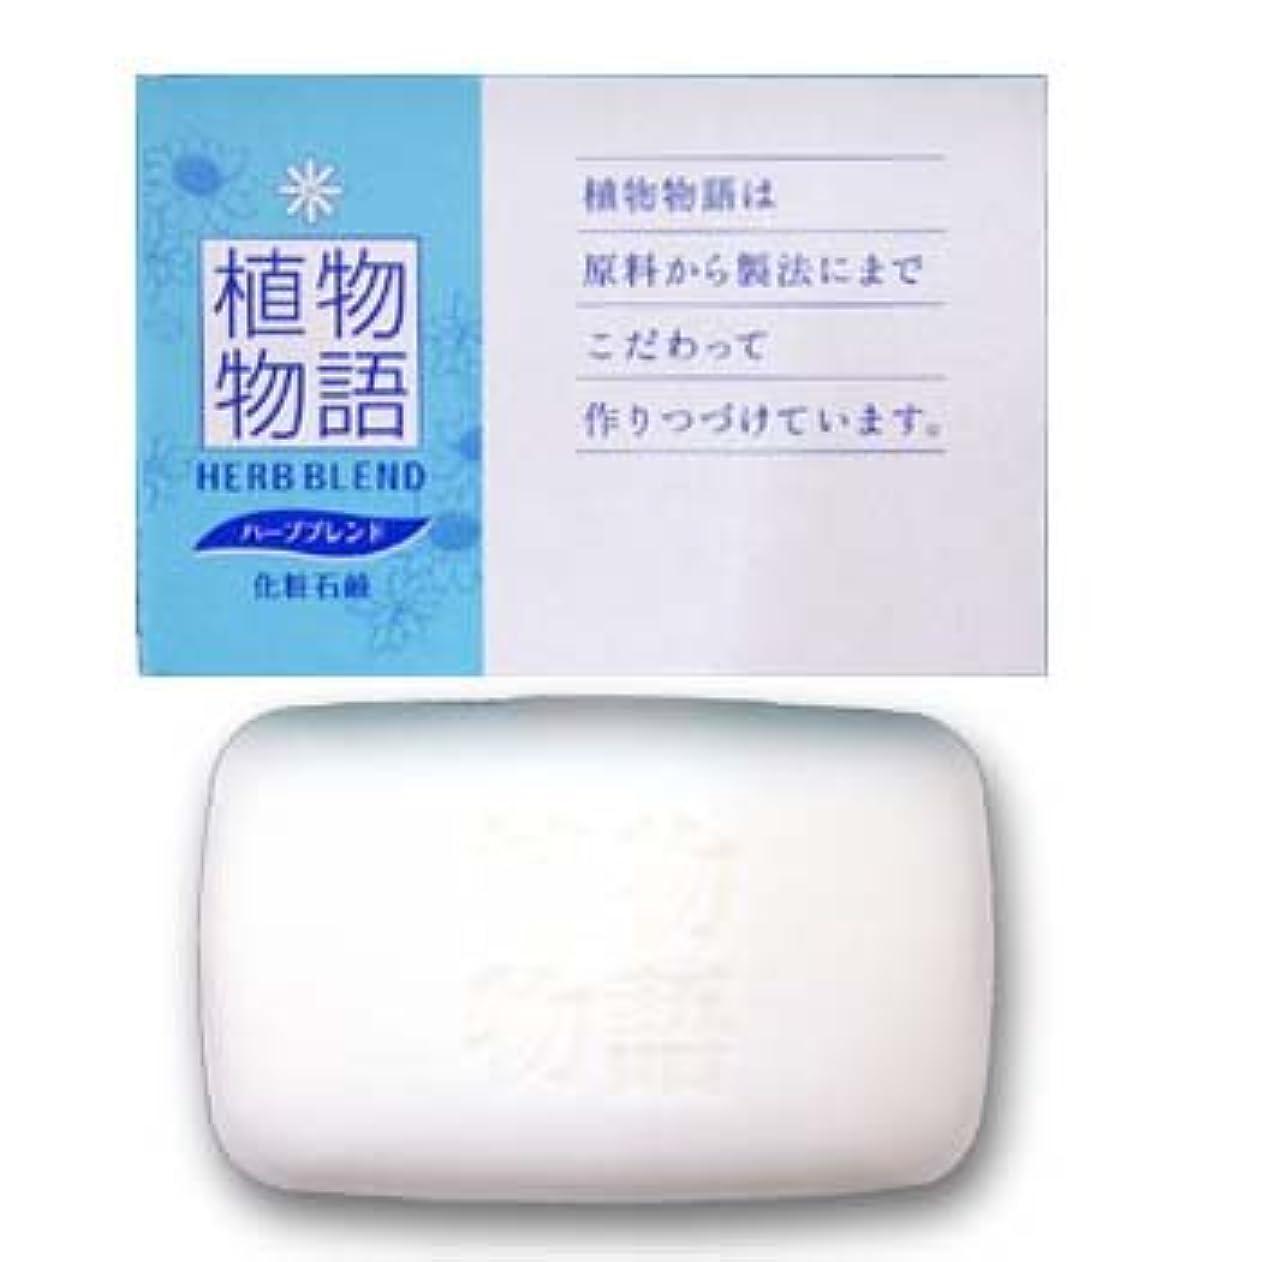 悪名高いアレイ冷ややかなLION 植物物語石鹸80g化粧箱入(1セット100個入)